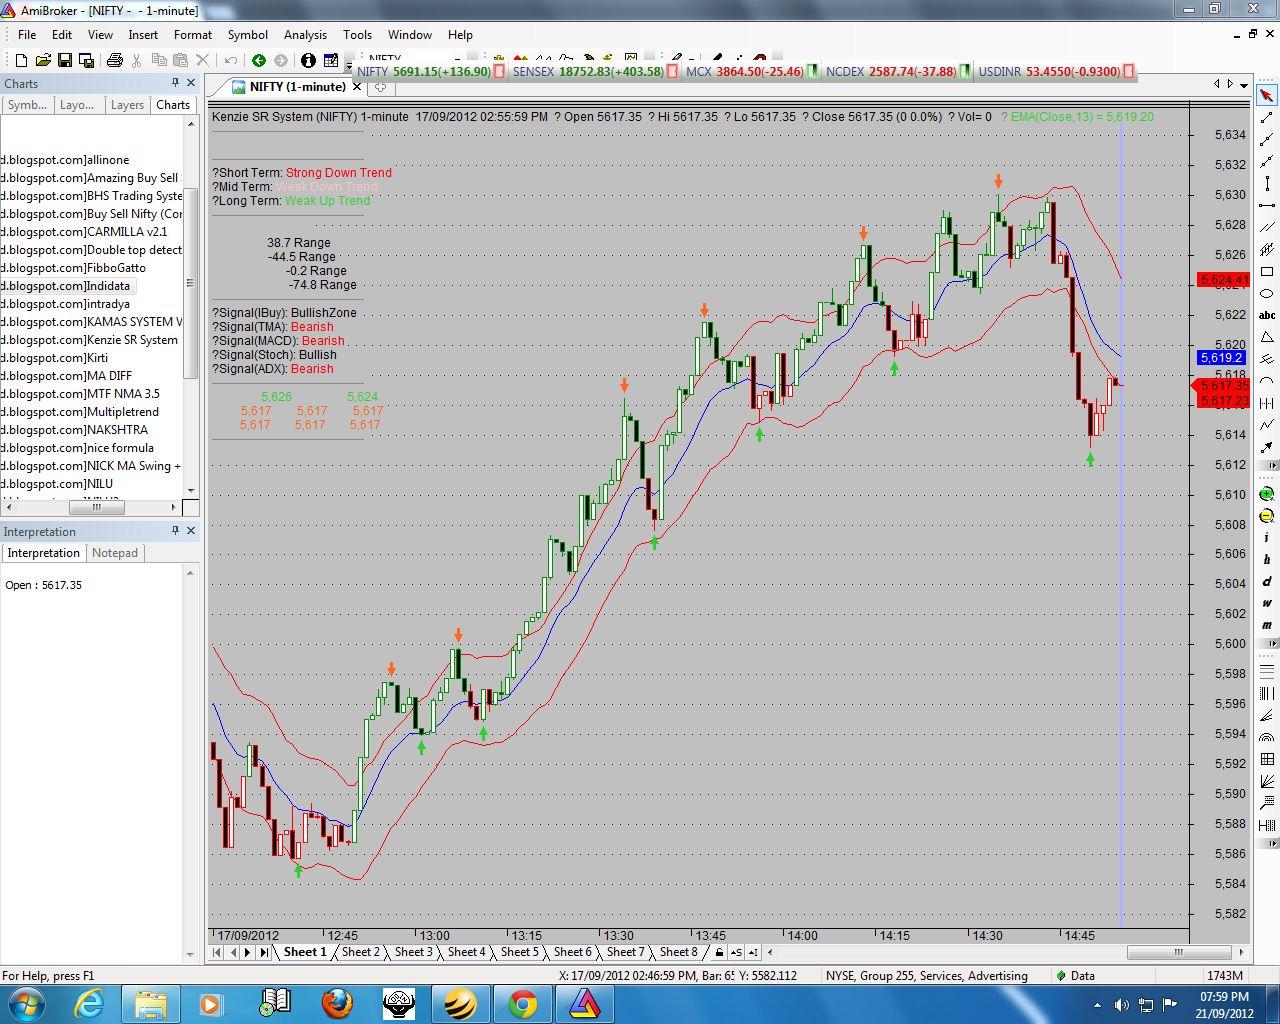 Ar trading system afl - Amibroker Afl : Smart Trading System